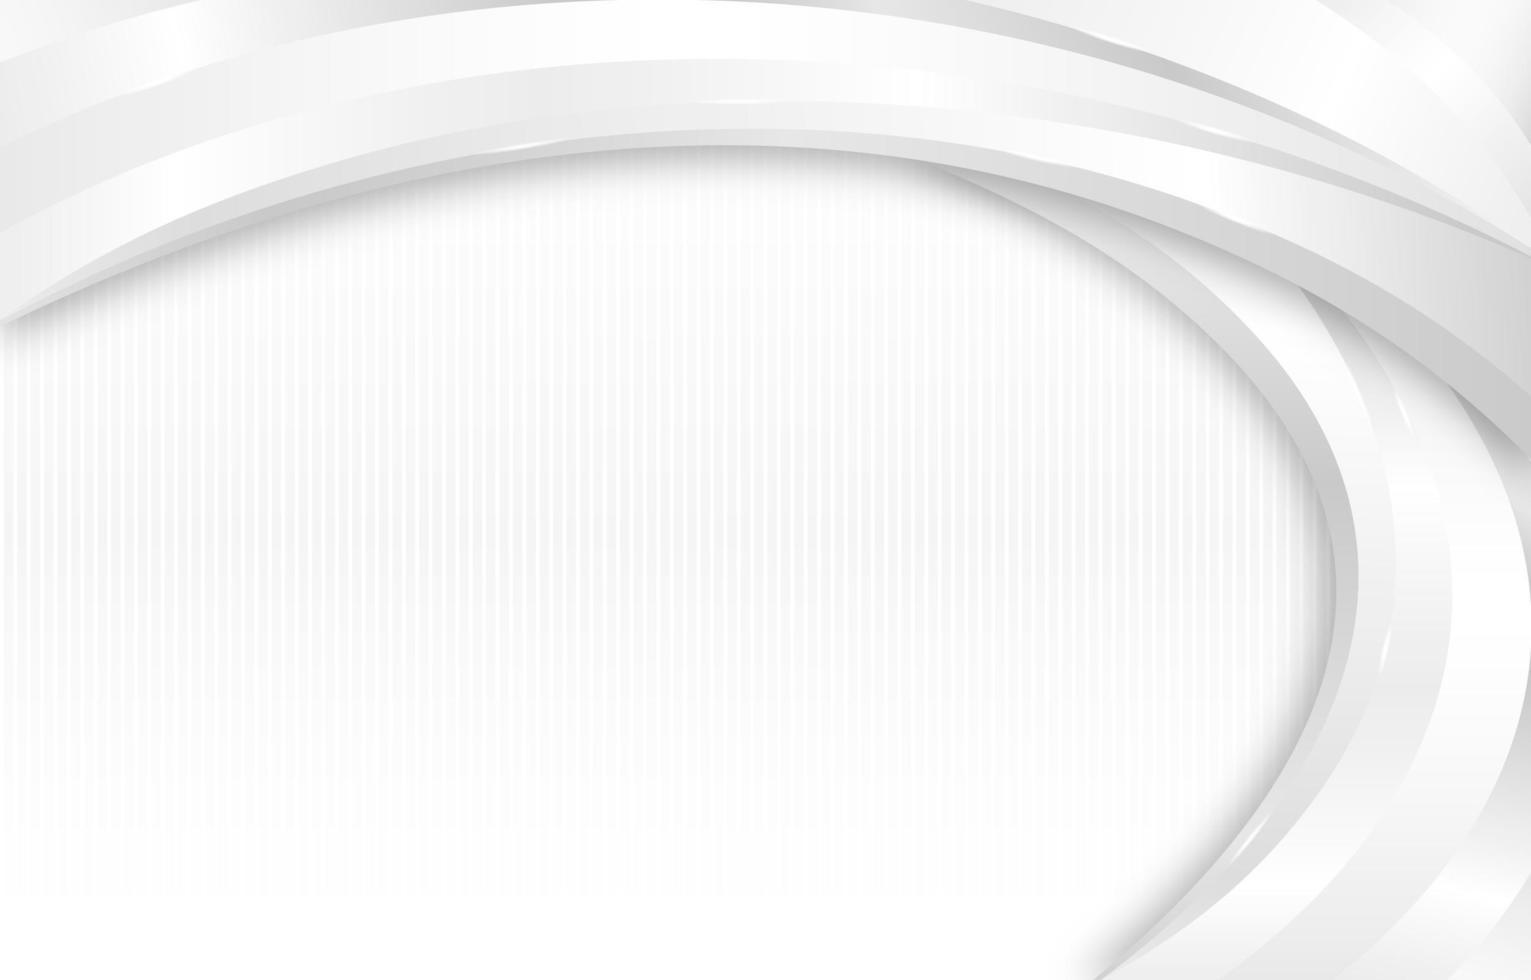 fond de courbe élégante blanche vecteur